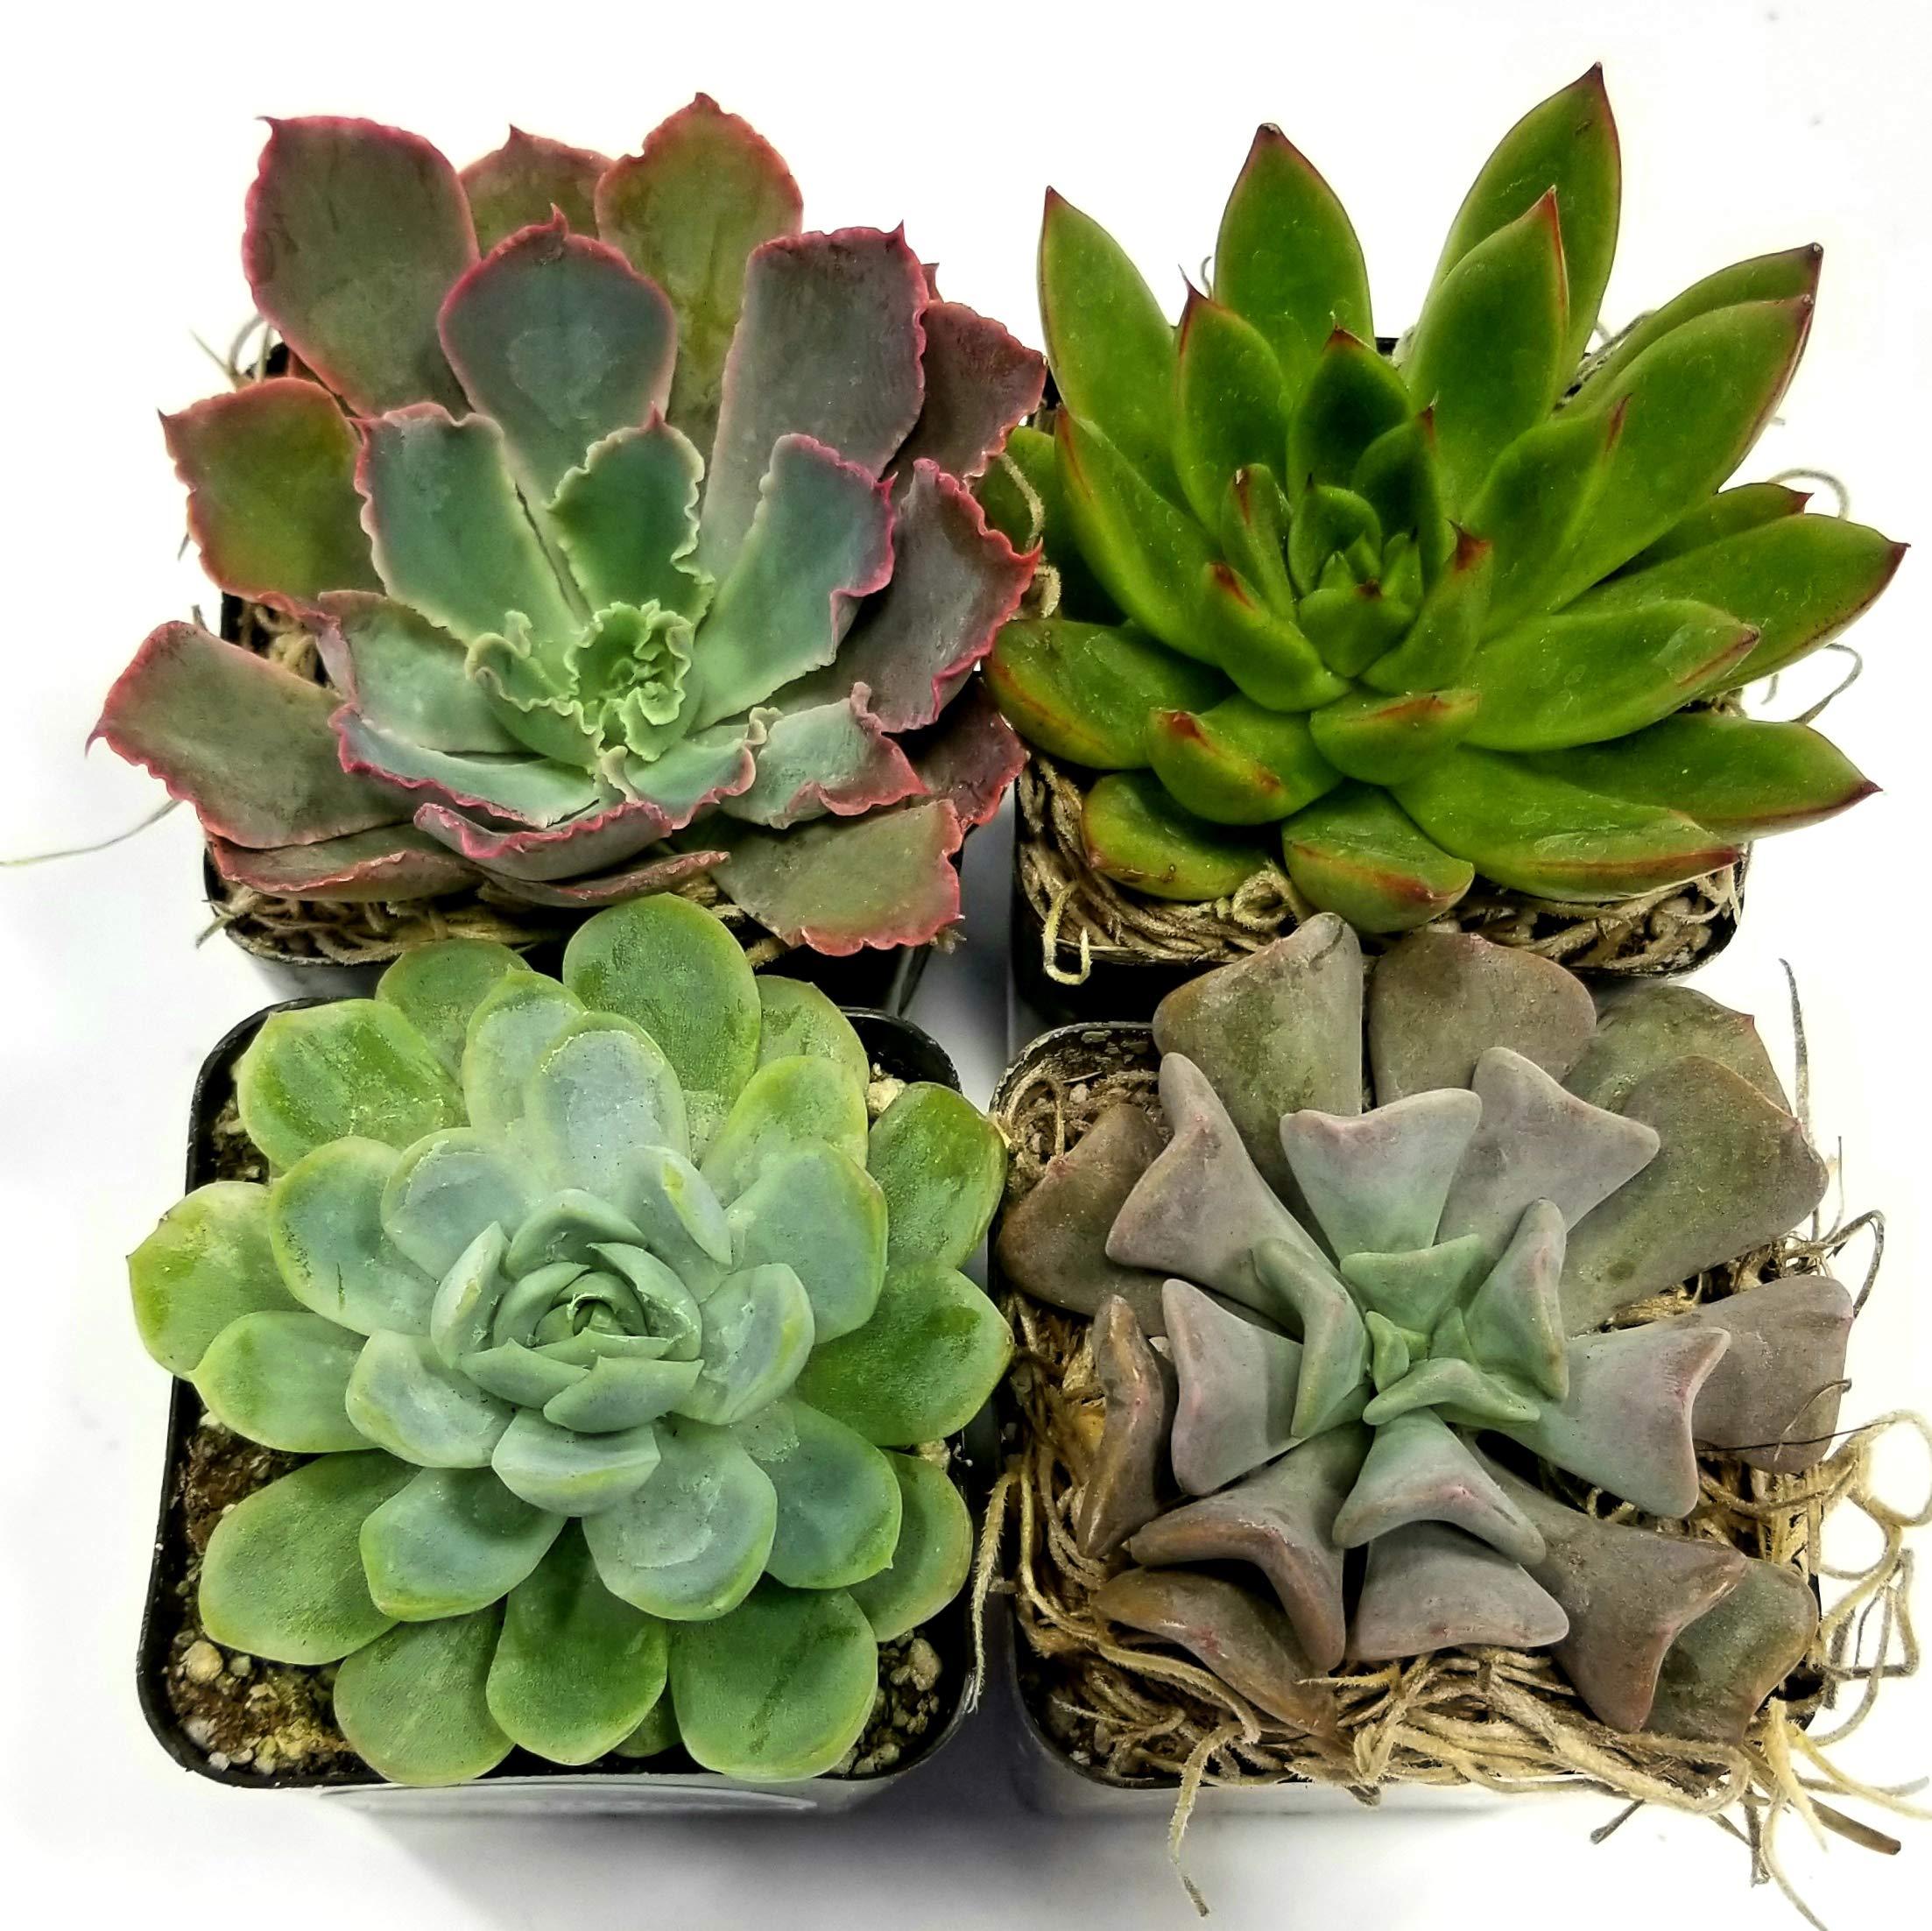 Fat Plants San Diego 2.5 Inch Wedding Rosette Succulent Plants (4) by Fat Plants San Diego (Image #1)